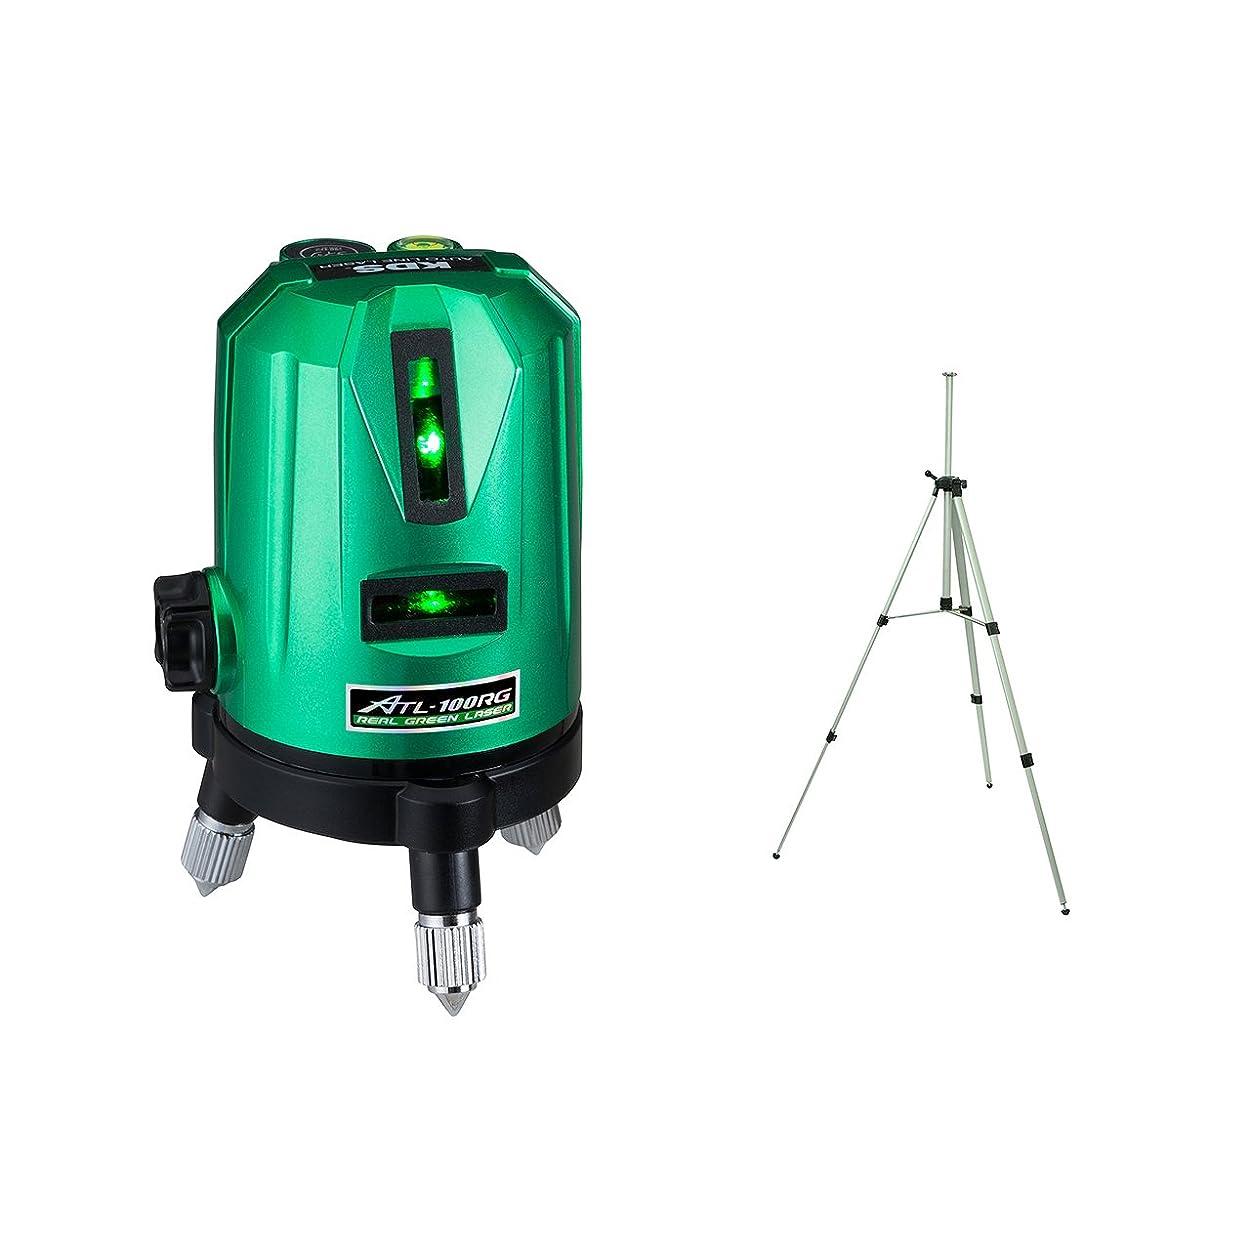 シャープリサイクルする胸ムラテックKDS レーザー墨出器 リアルグリーン三脚付 ALT-100RGSA 高輝度グリーンレーザー